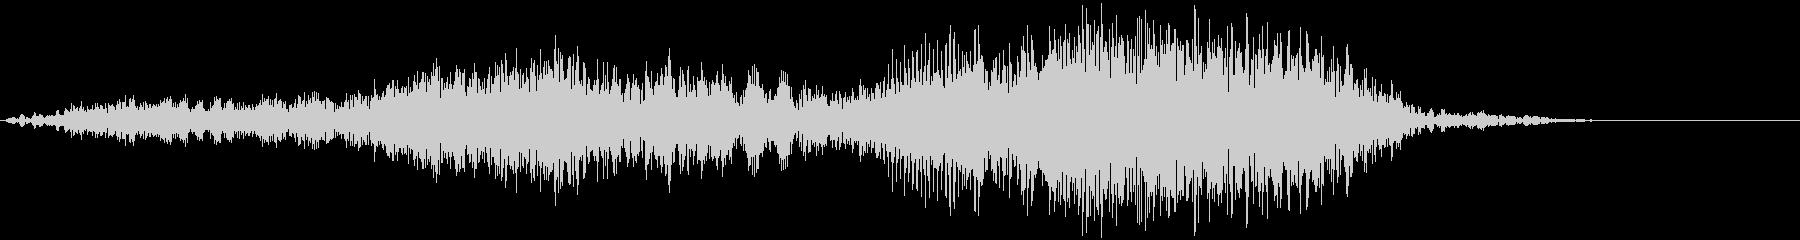 【物音】 ひきずる音_05 ギーッ・・・の未再生の波形